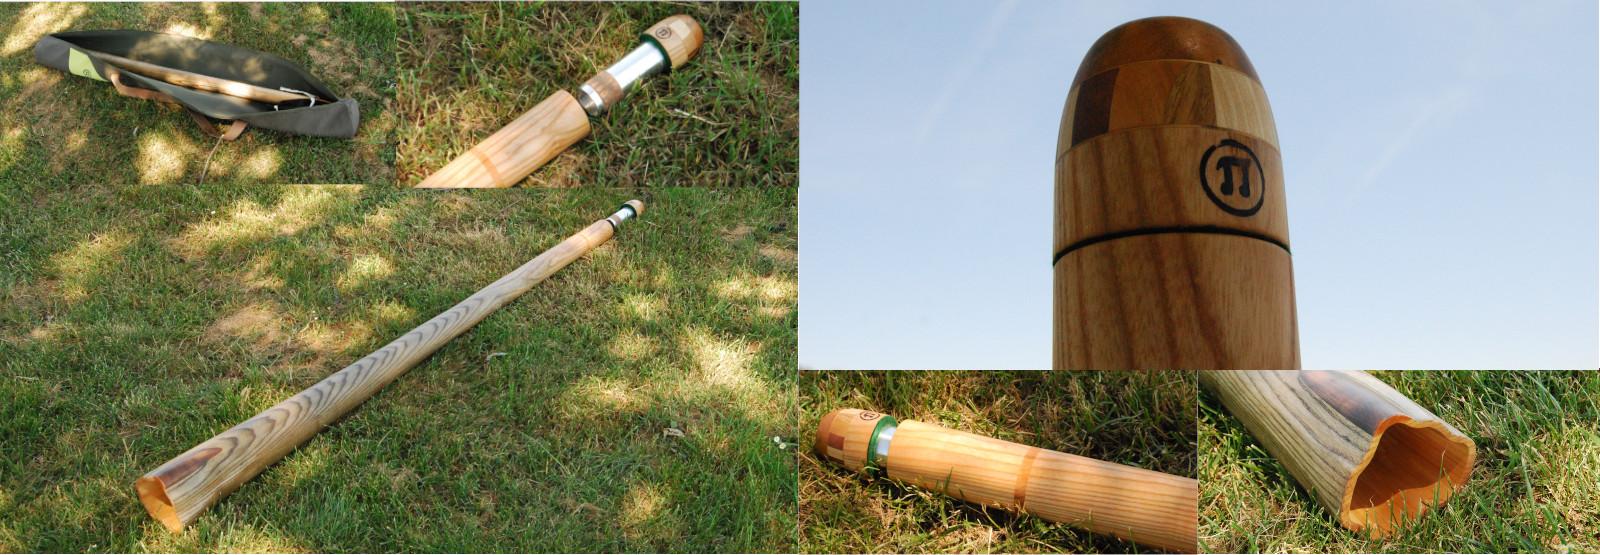 Pivert Didgeridoos_121